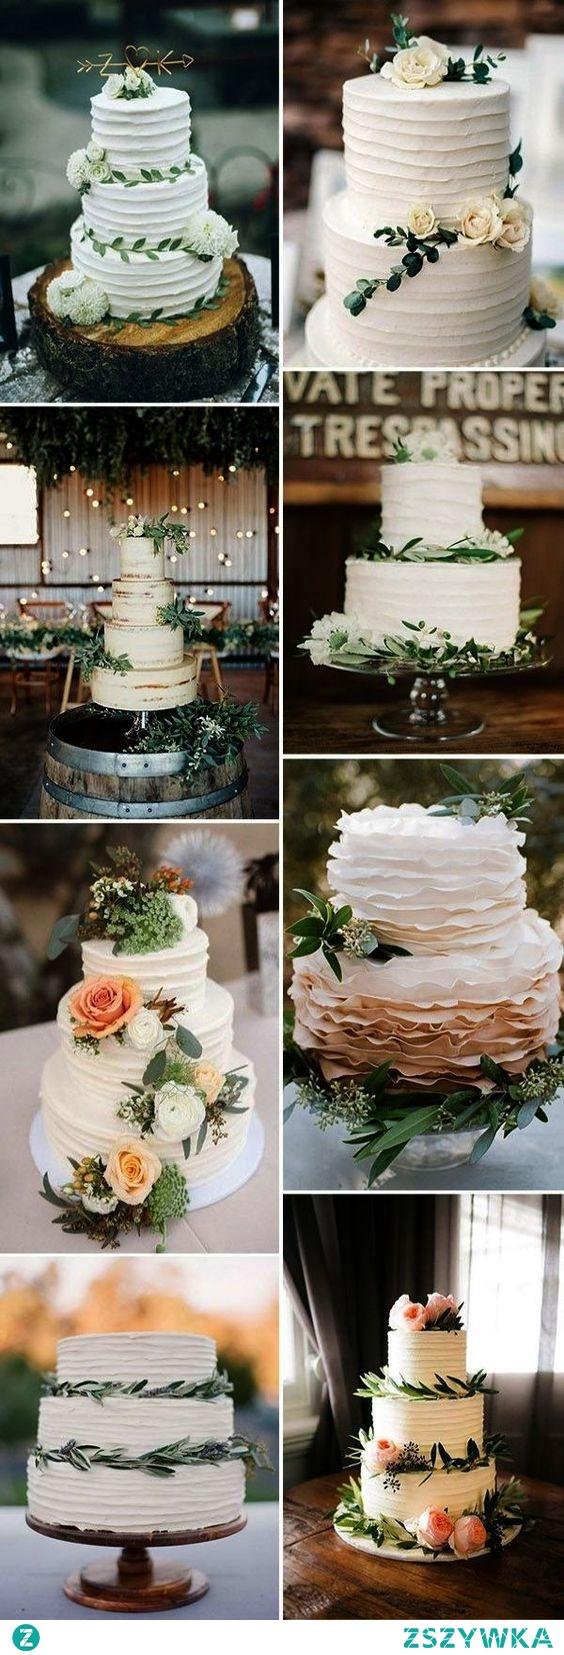 Inspiracje na tort weselny <3